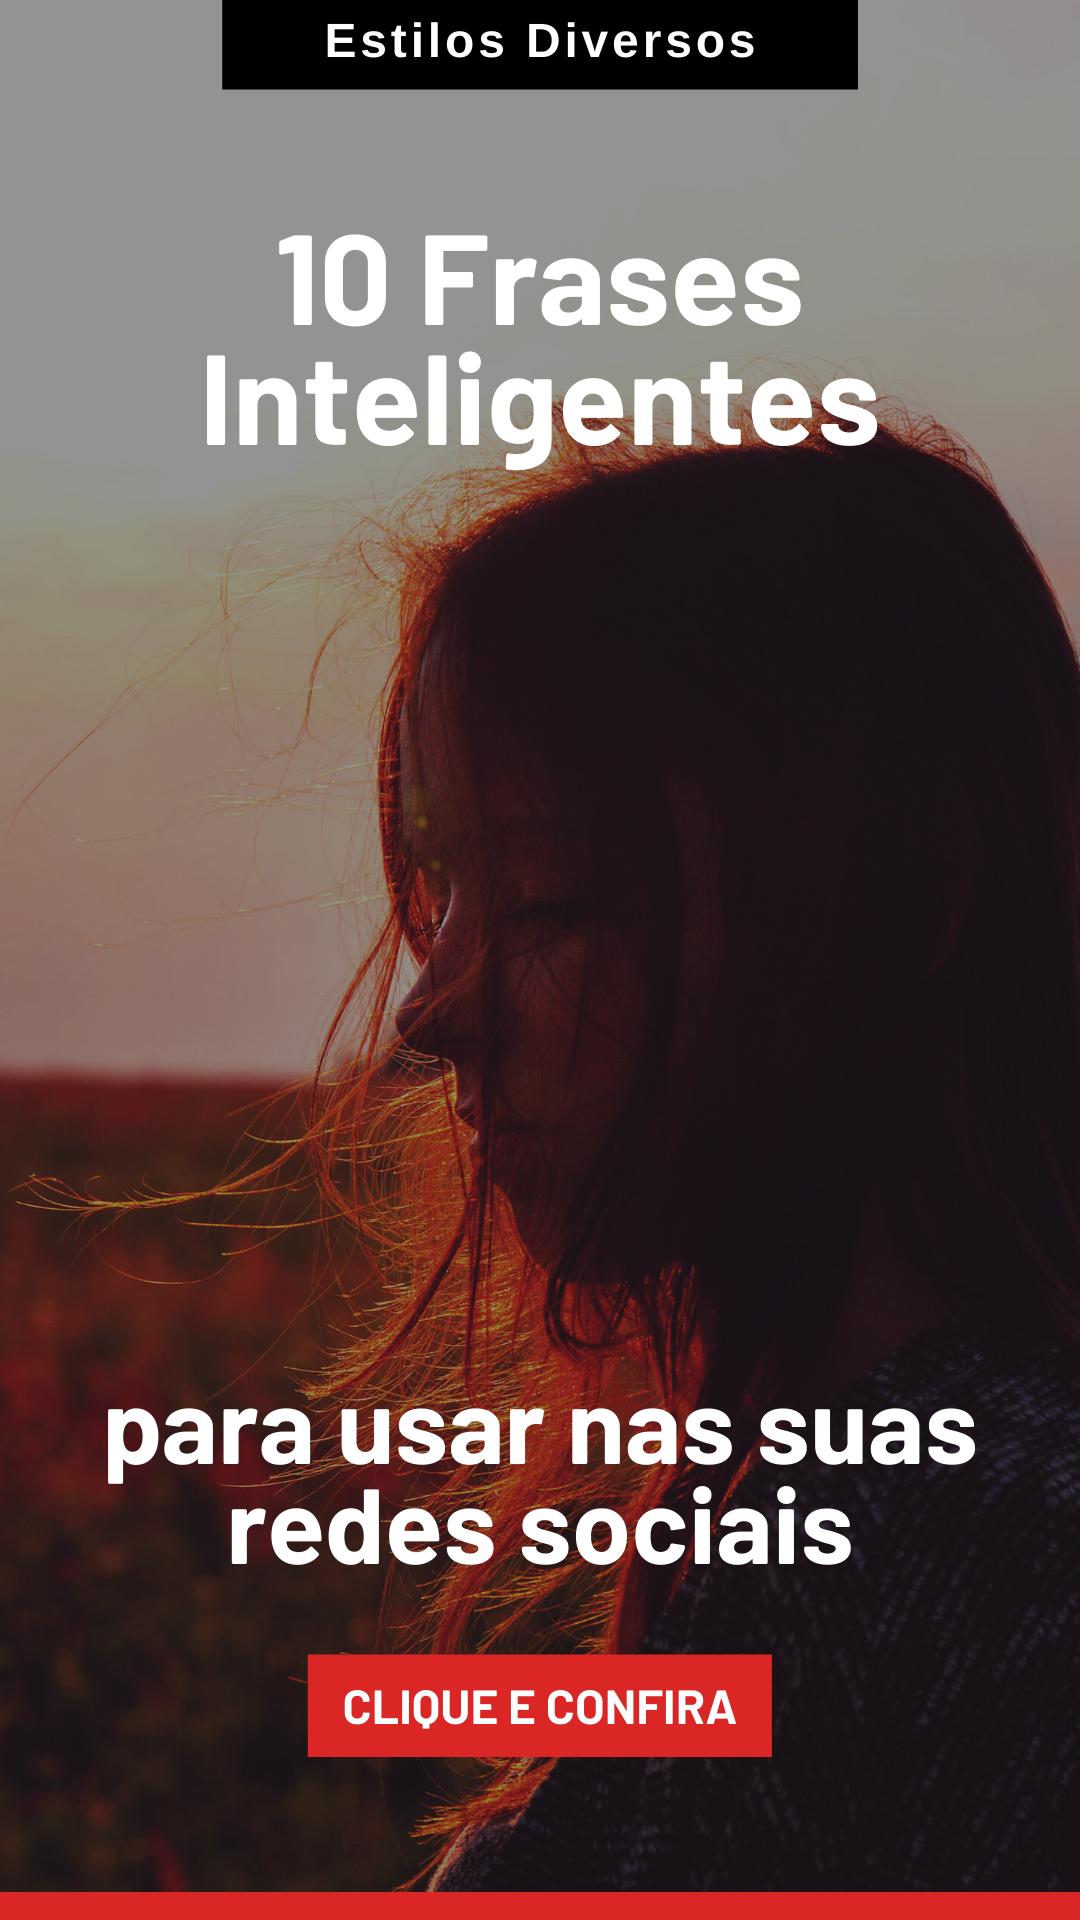 10 Frases Inteligentes 10 Frases Inteligentes para usar nas suas redes socias Clique no pin para ver